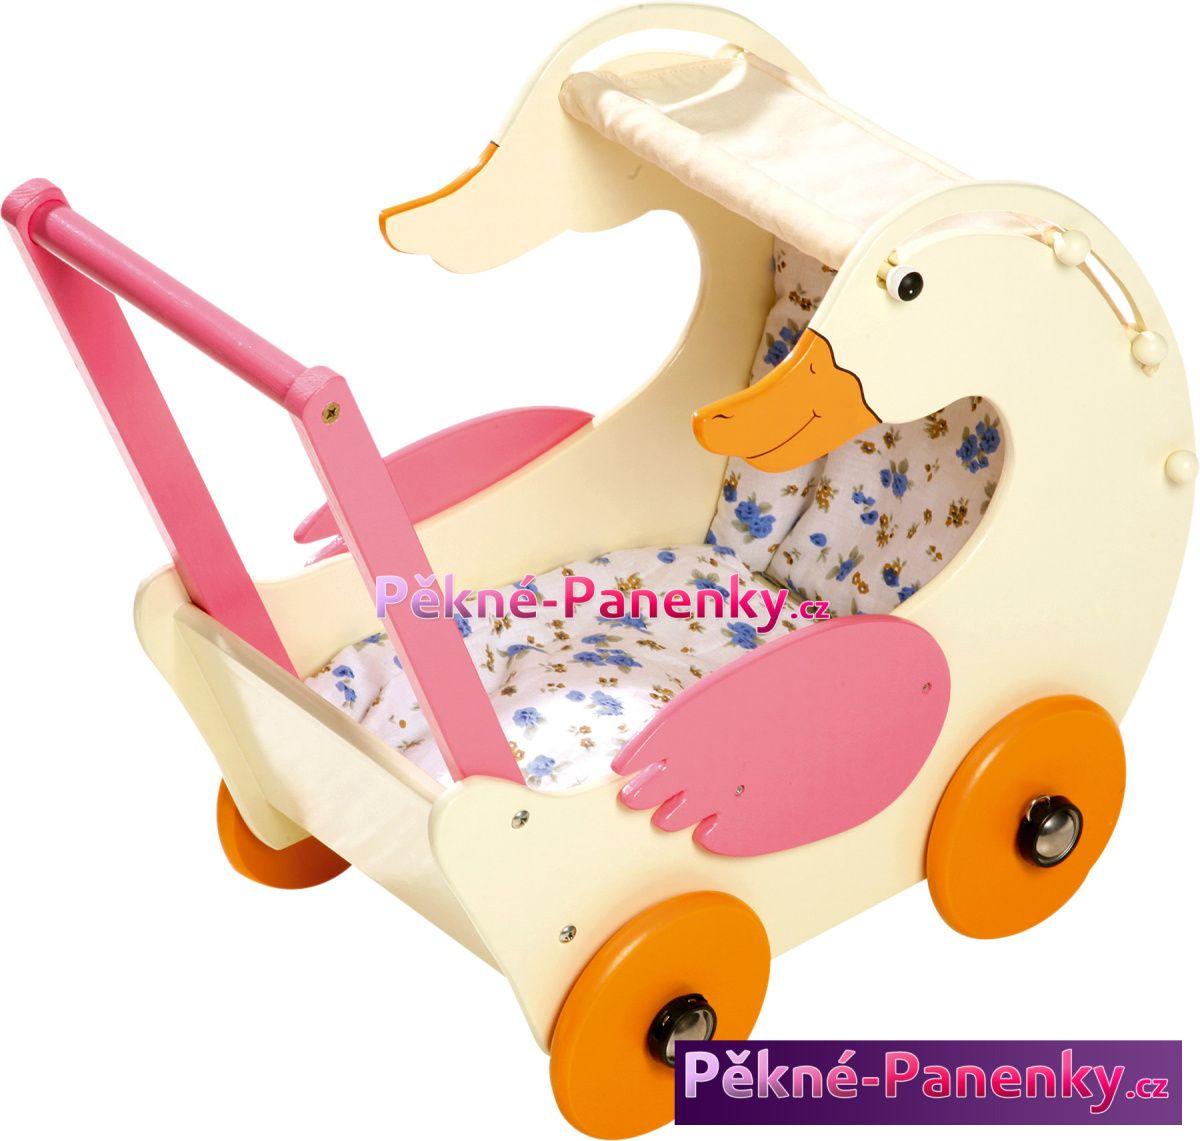 Legler malý dřevěný kočárek pro panenky, kočárek pro panenku, originální dětské kočárky pro panenky